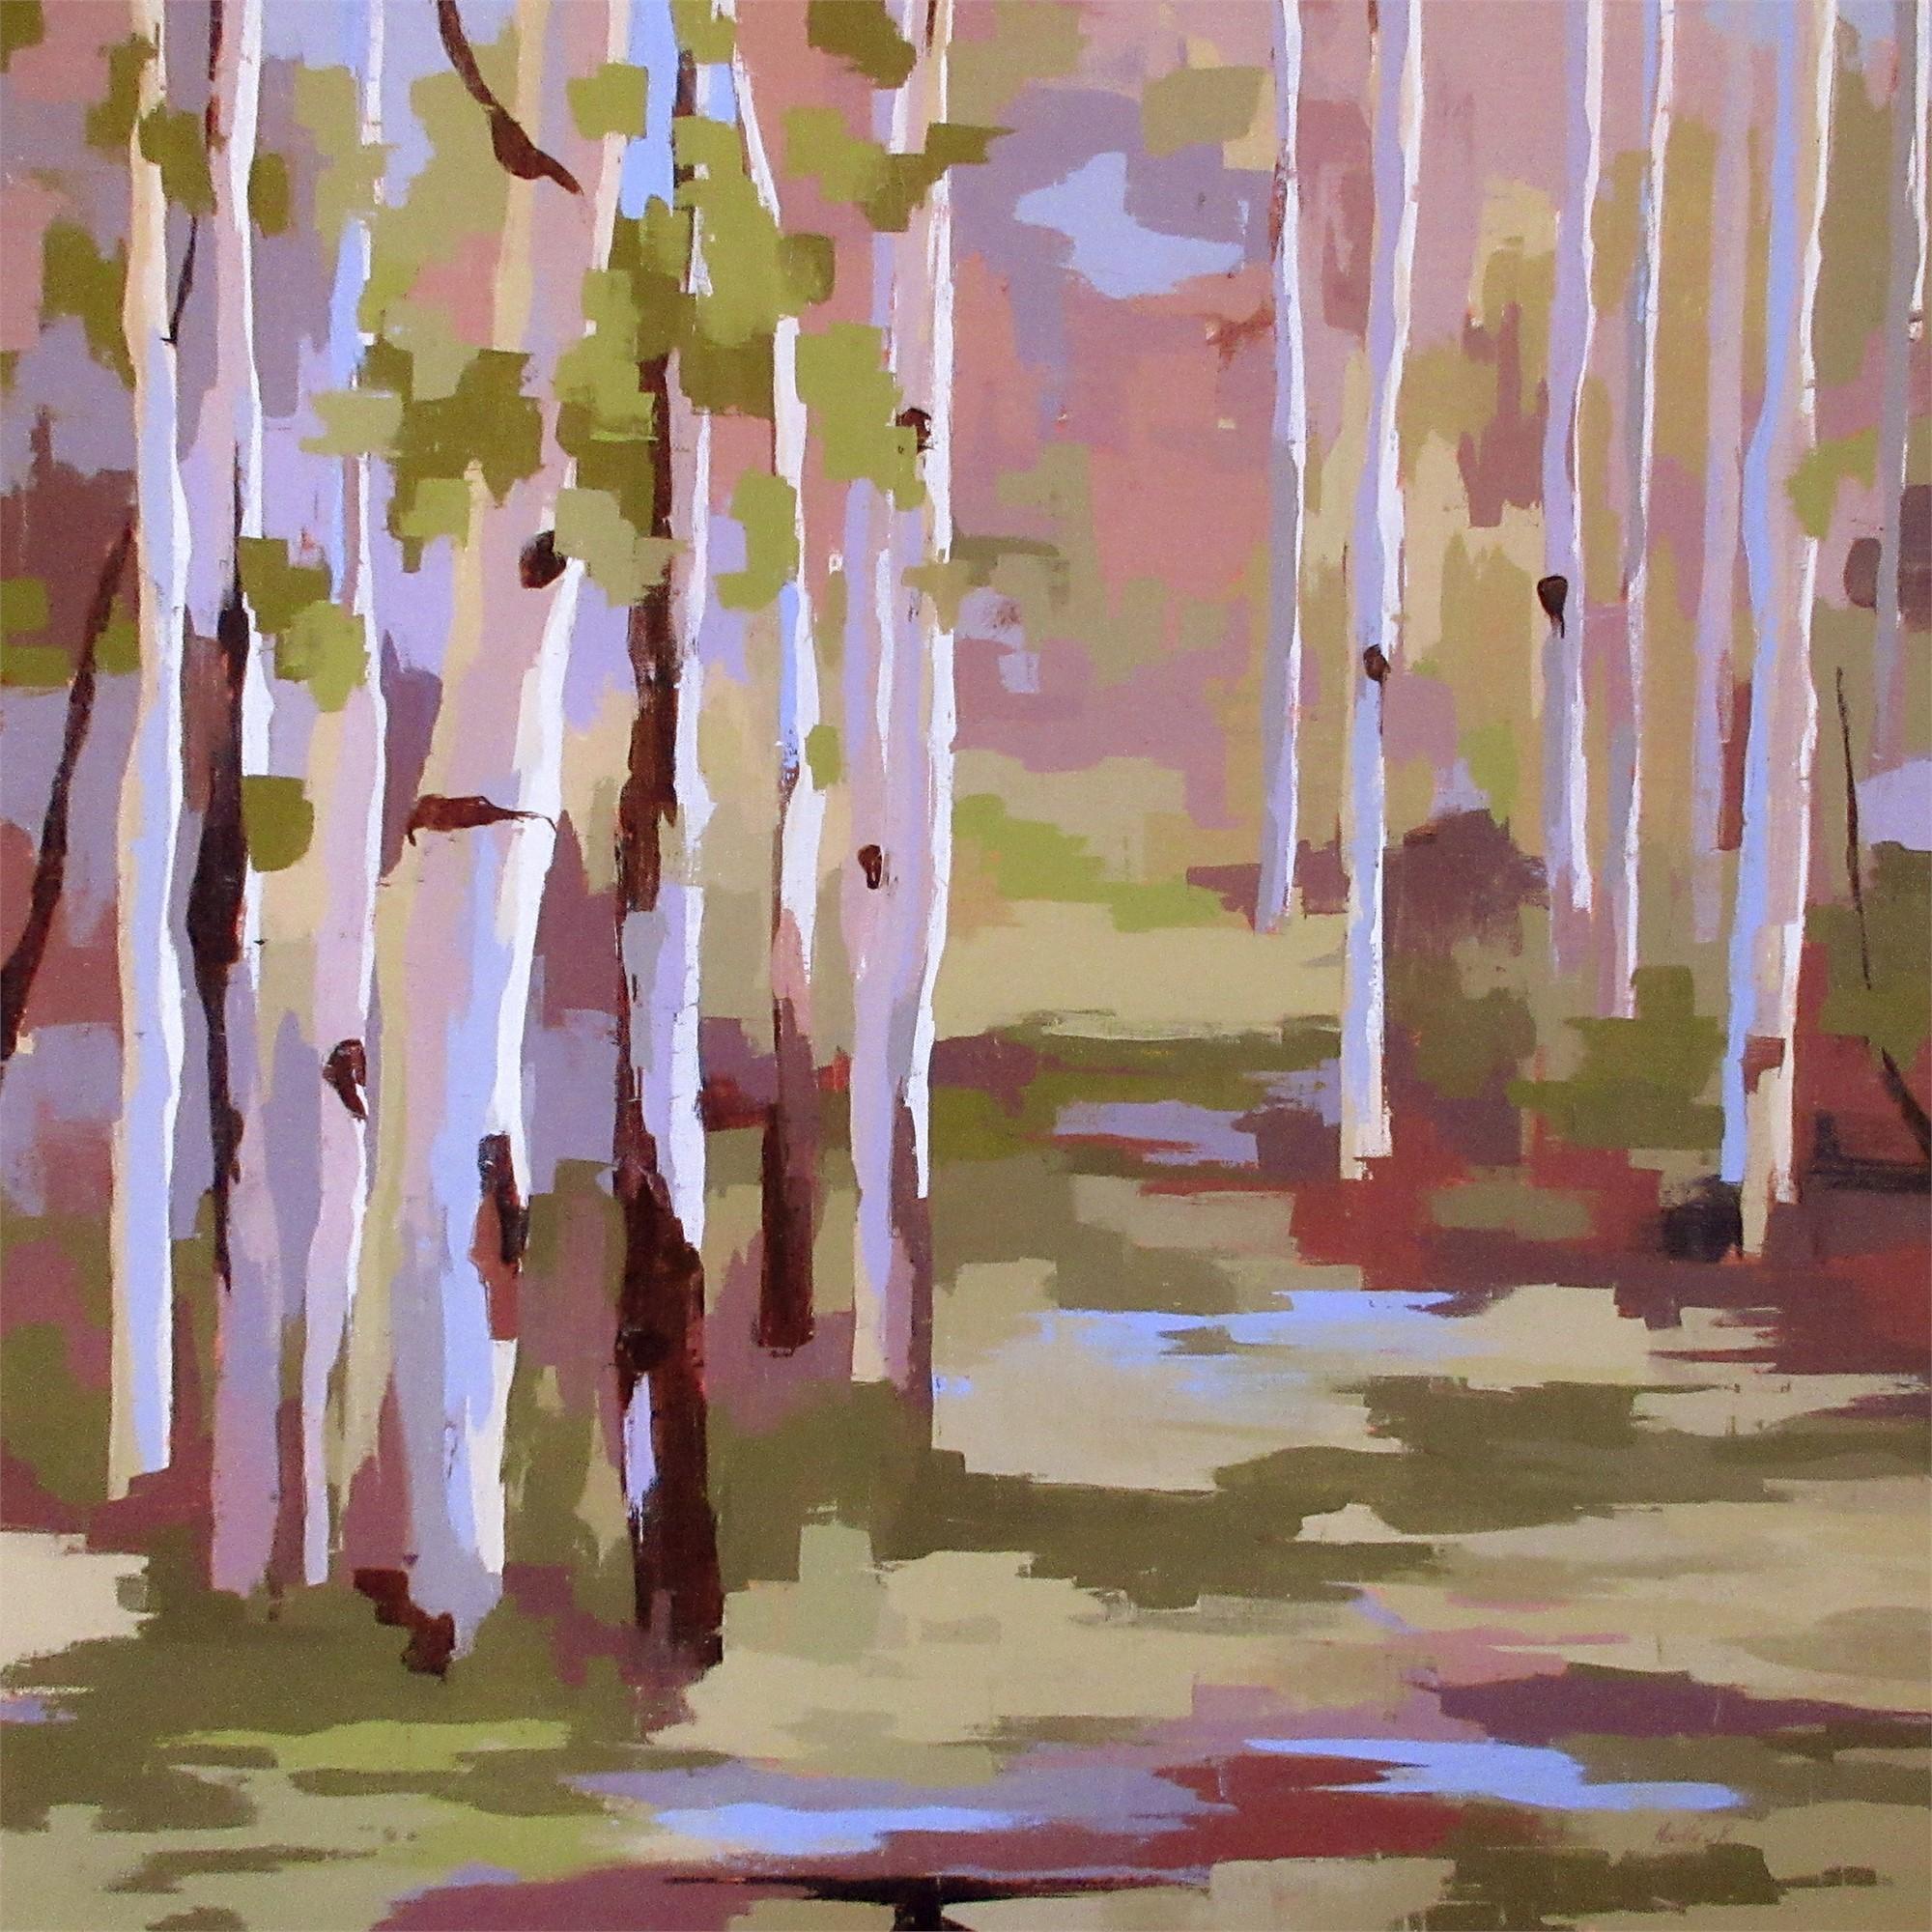 Lush by Hadley Rampton